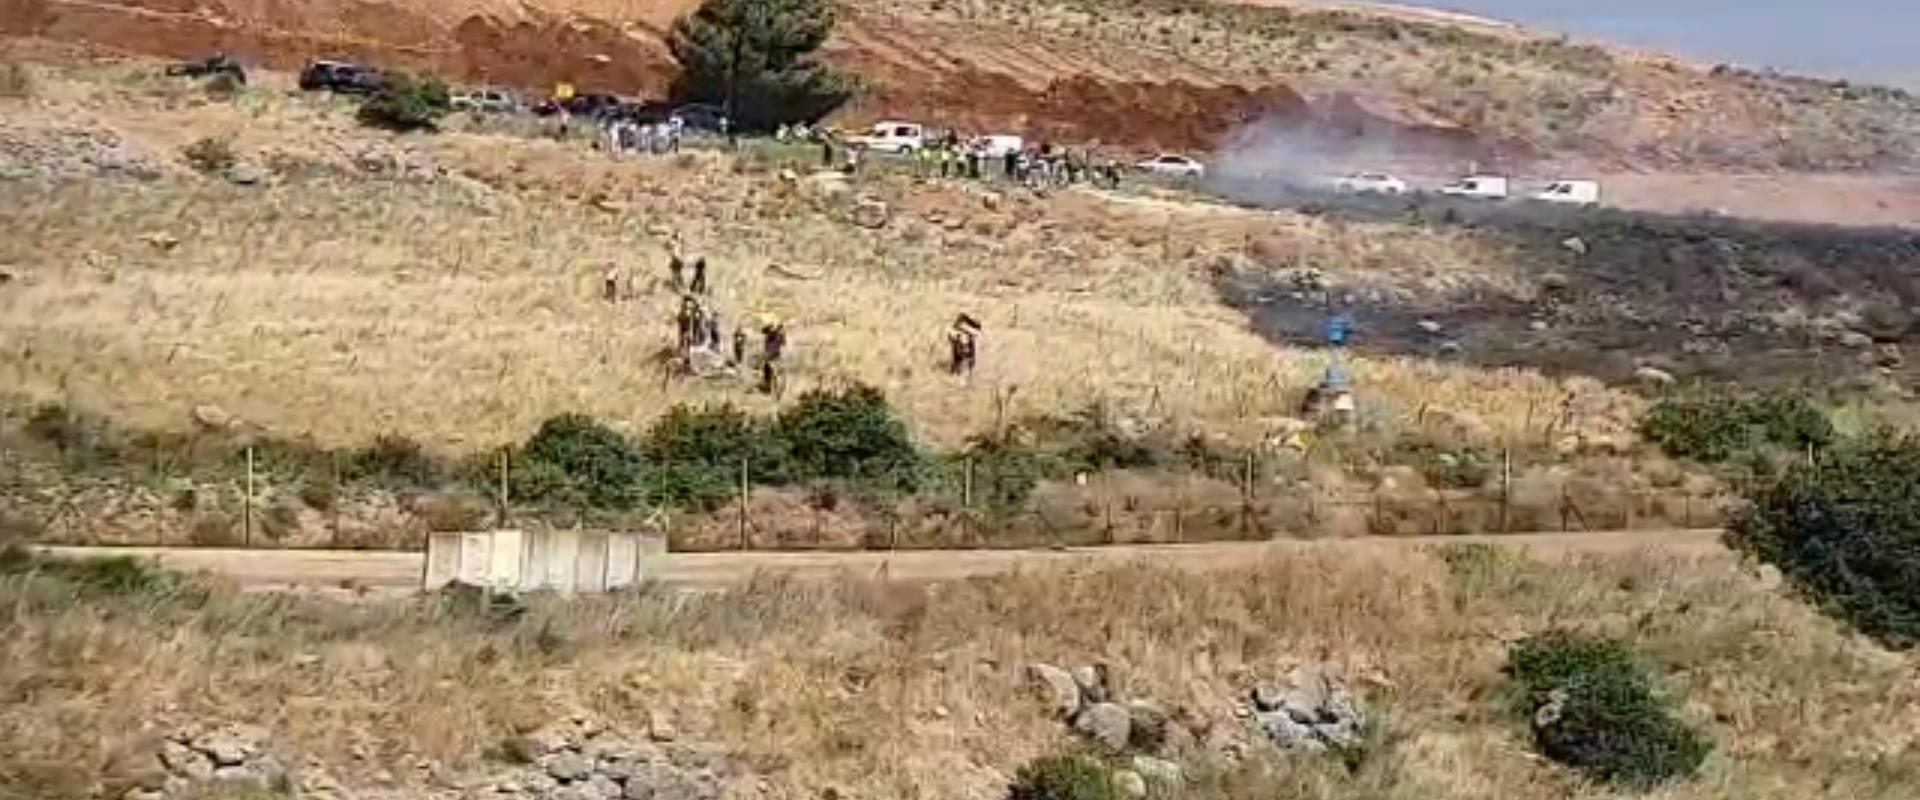 גדר הגבול עם לבנון, היום